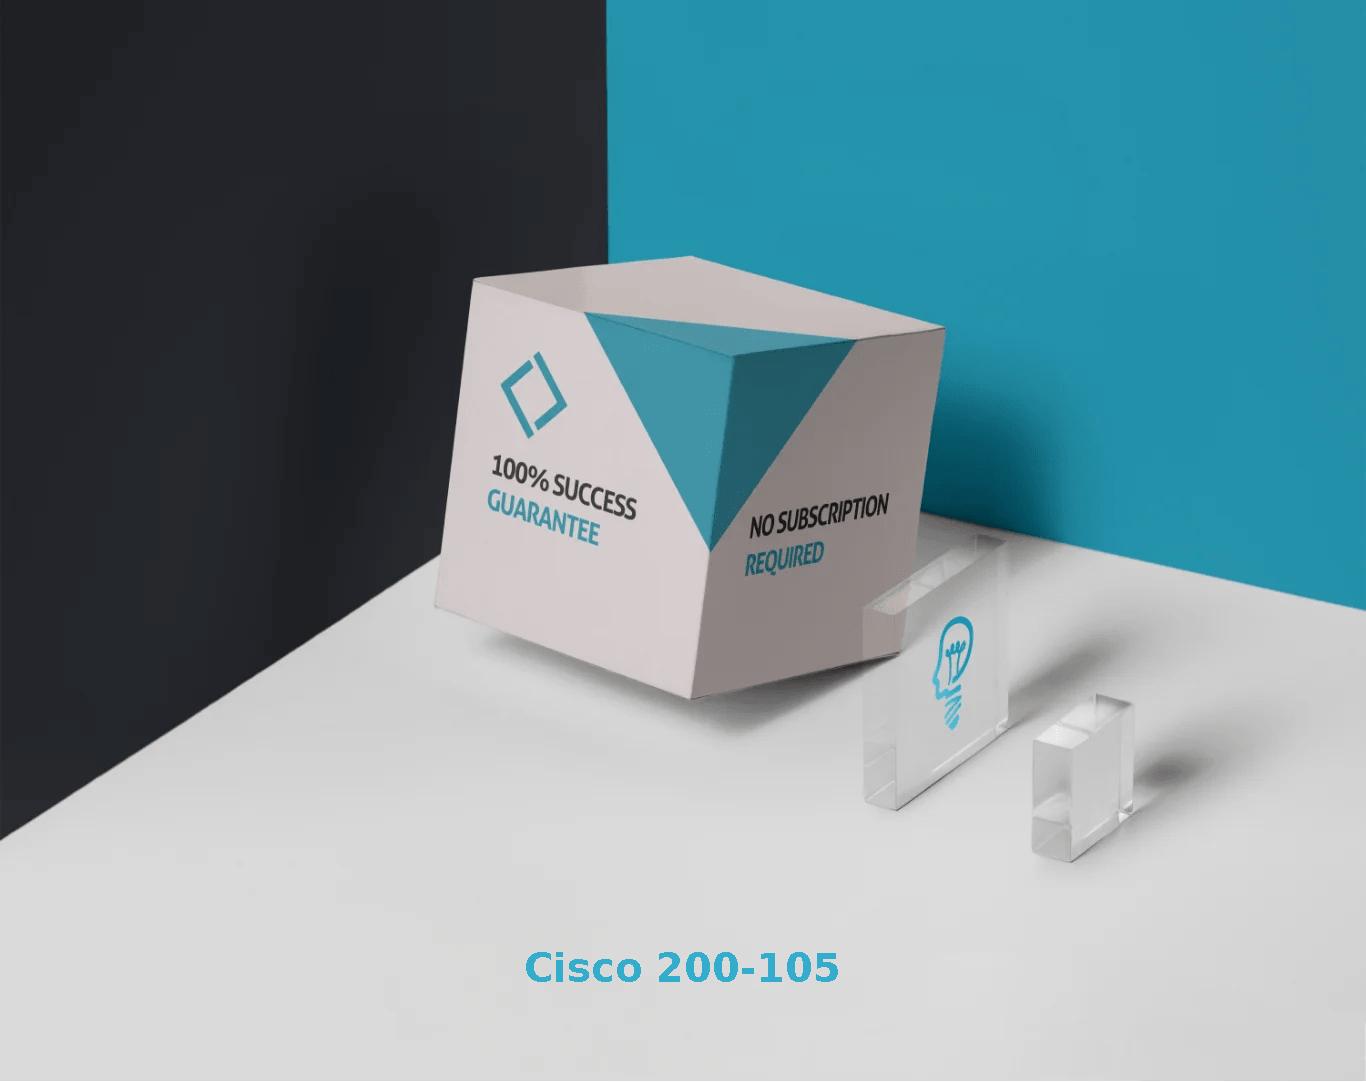 Cisco 200-105 Exams